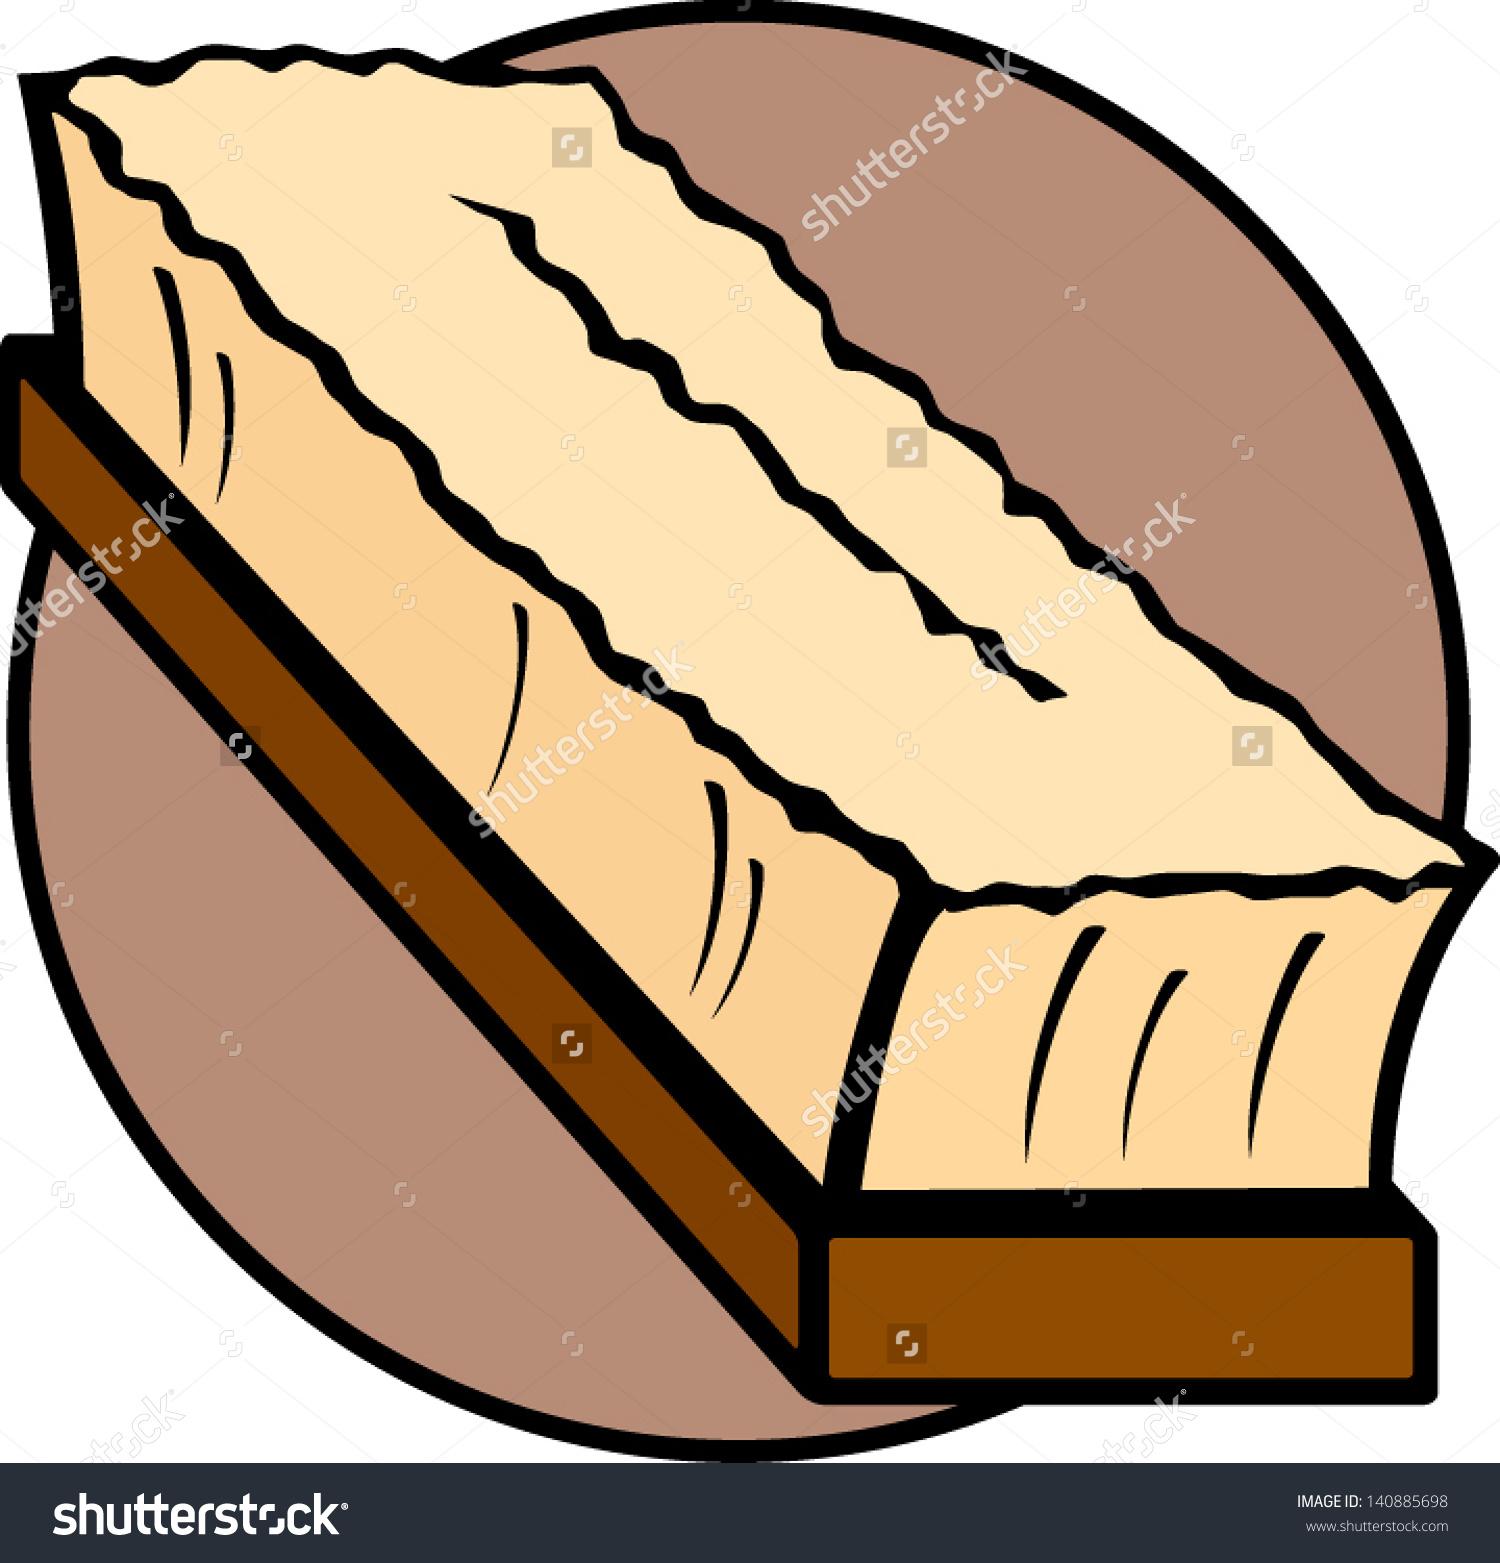 Shoe Shine Brush Stock Vector Illustration 140885698 : Shutterstock.